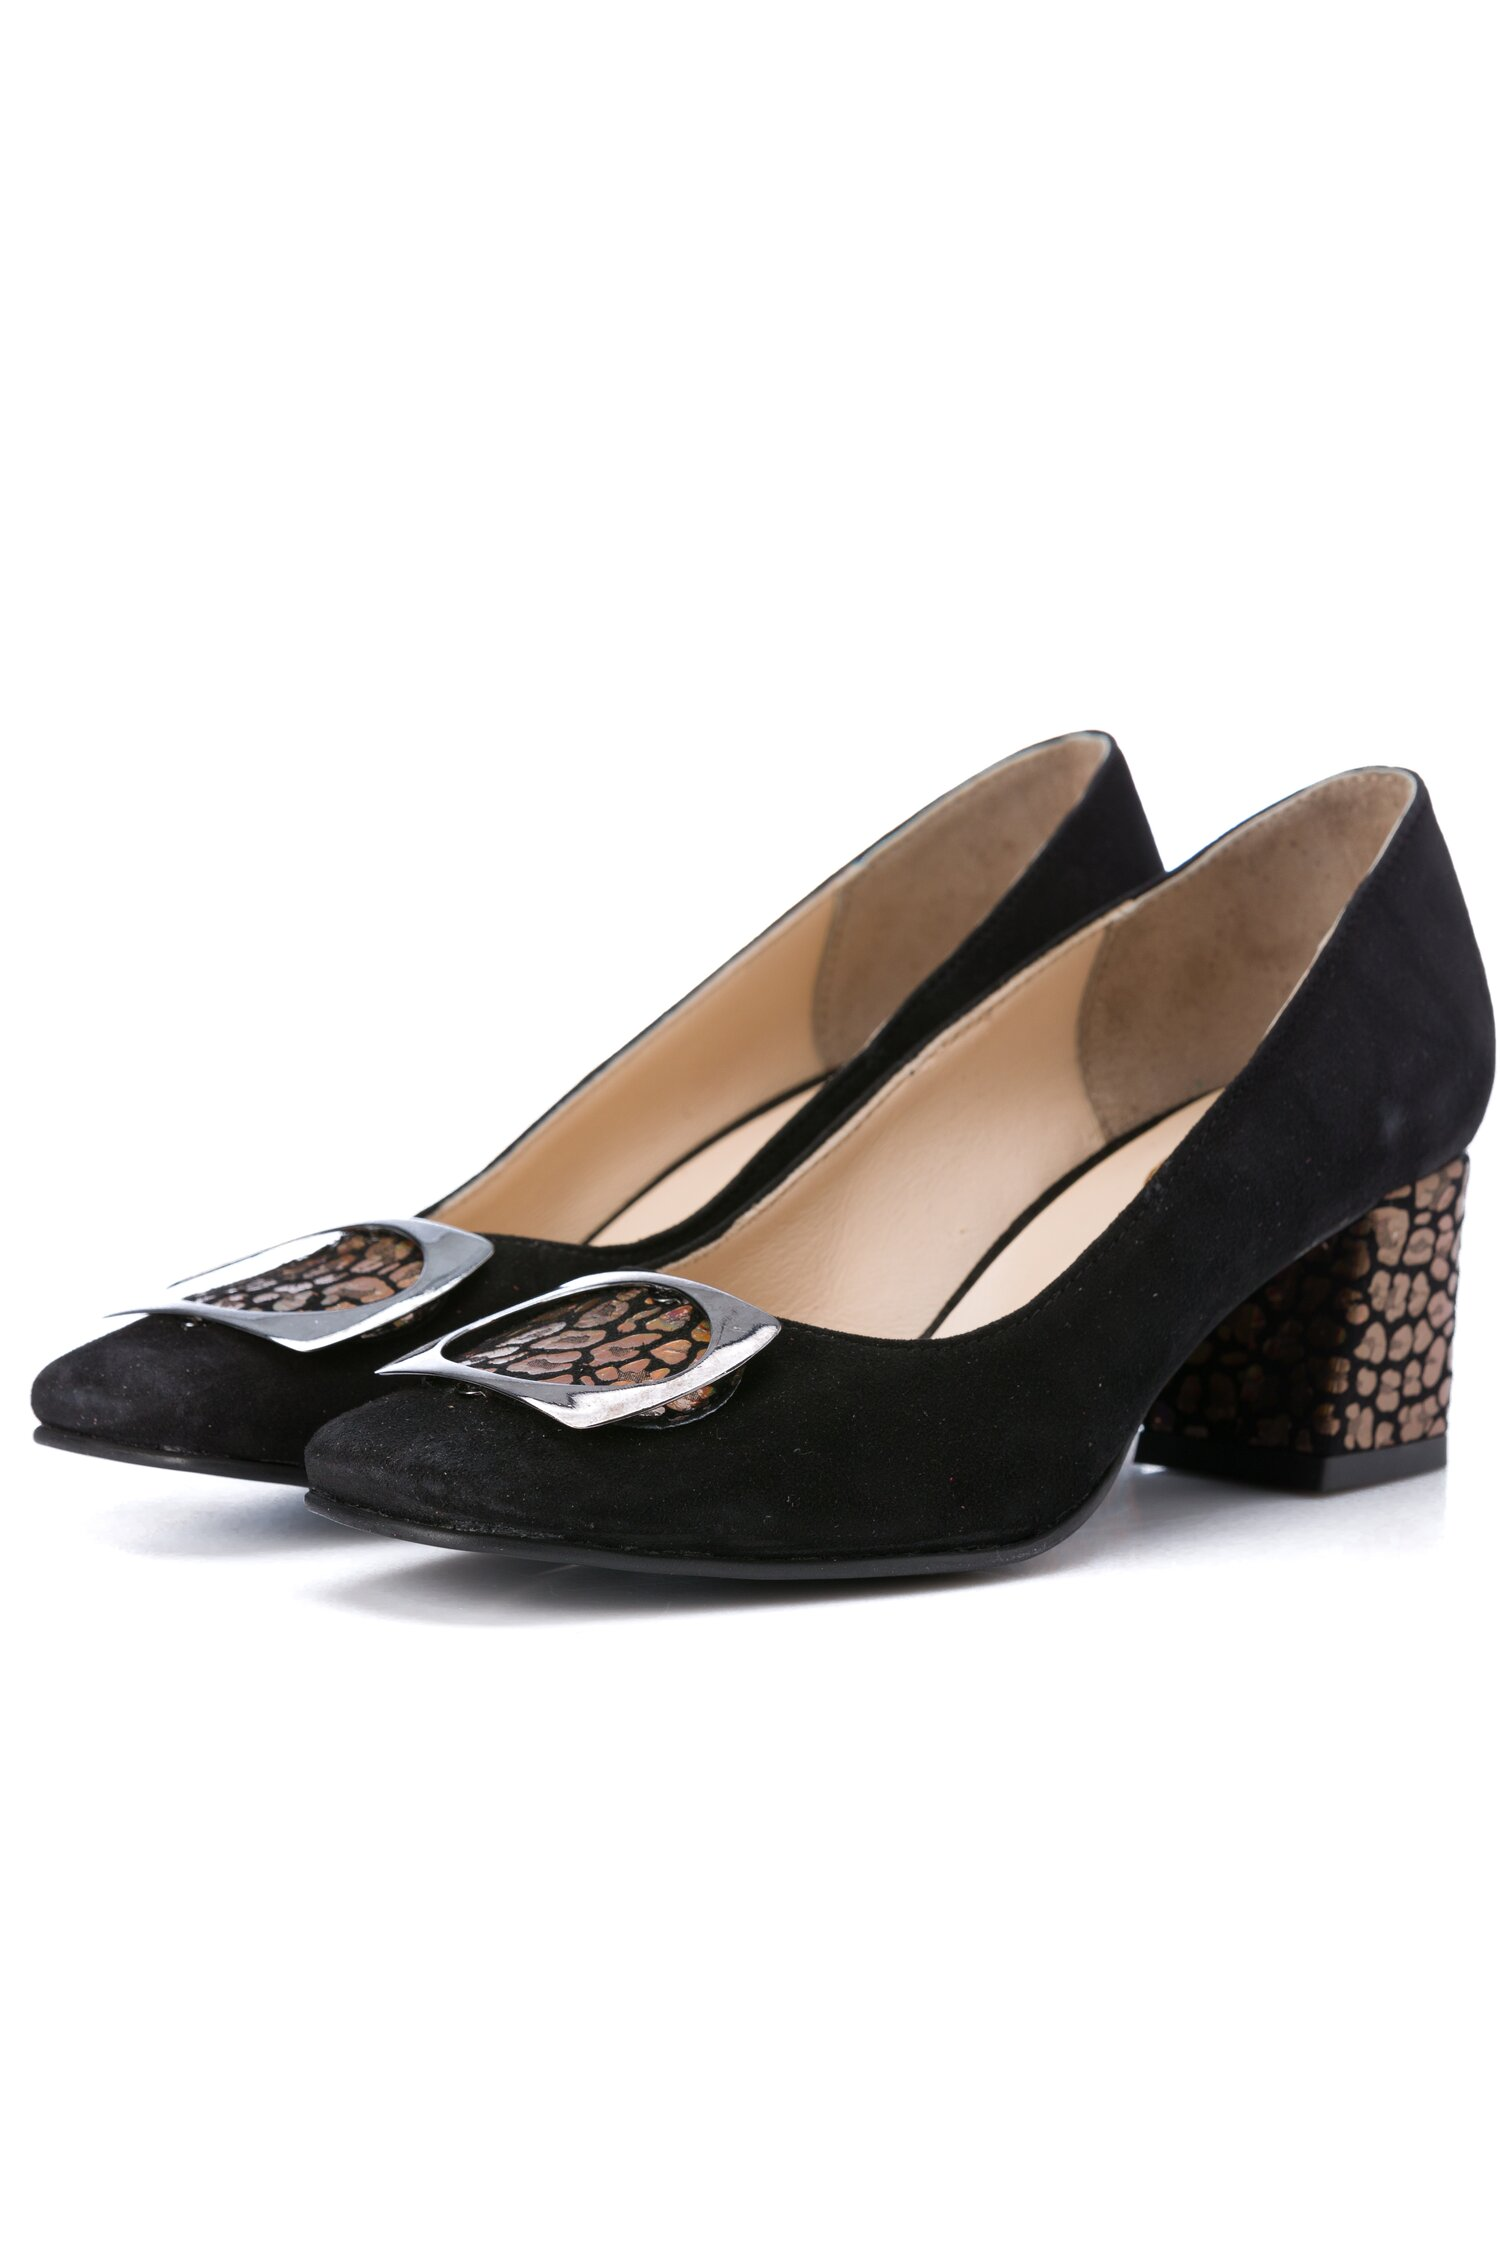 Pantofi negri din piele intoarsa cu aplicatie metalica pe varf imagine